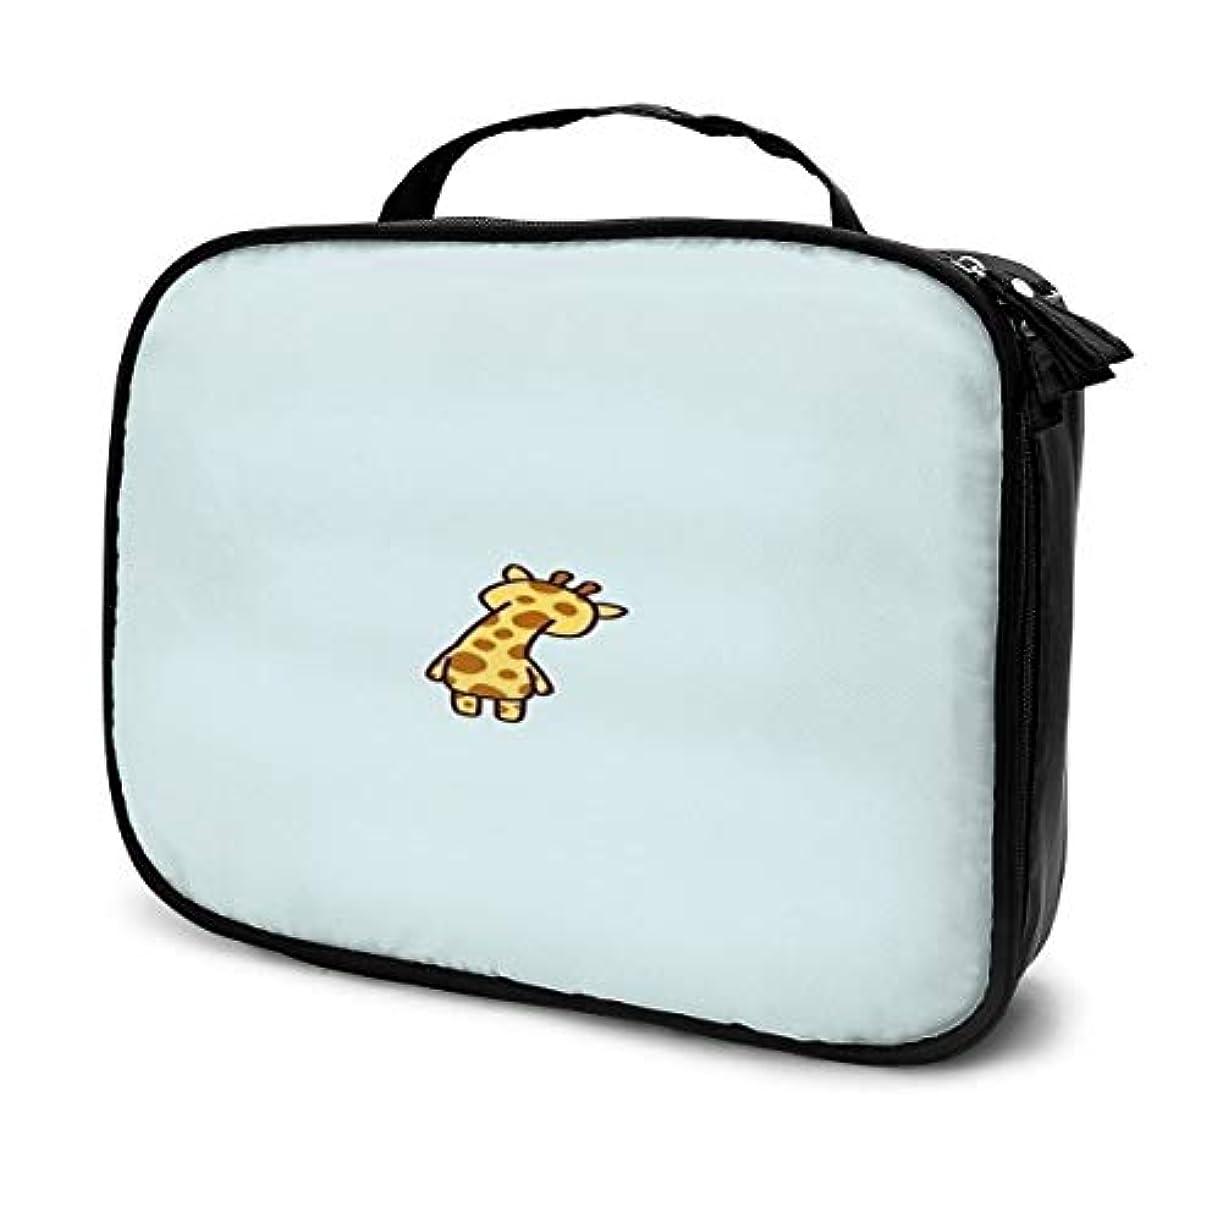 潮慣性起こるDaituキリン 化粧品袋の女性旅行バッグ収納大容量防水アクセサリー旅行